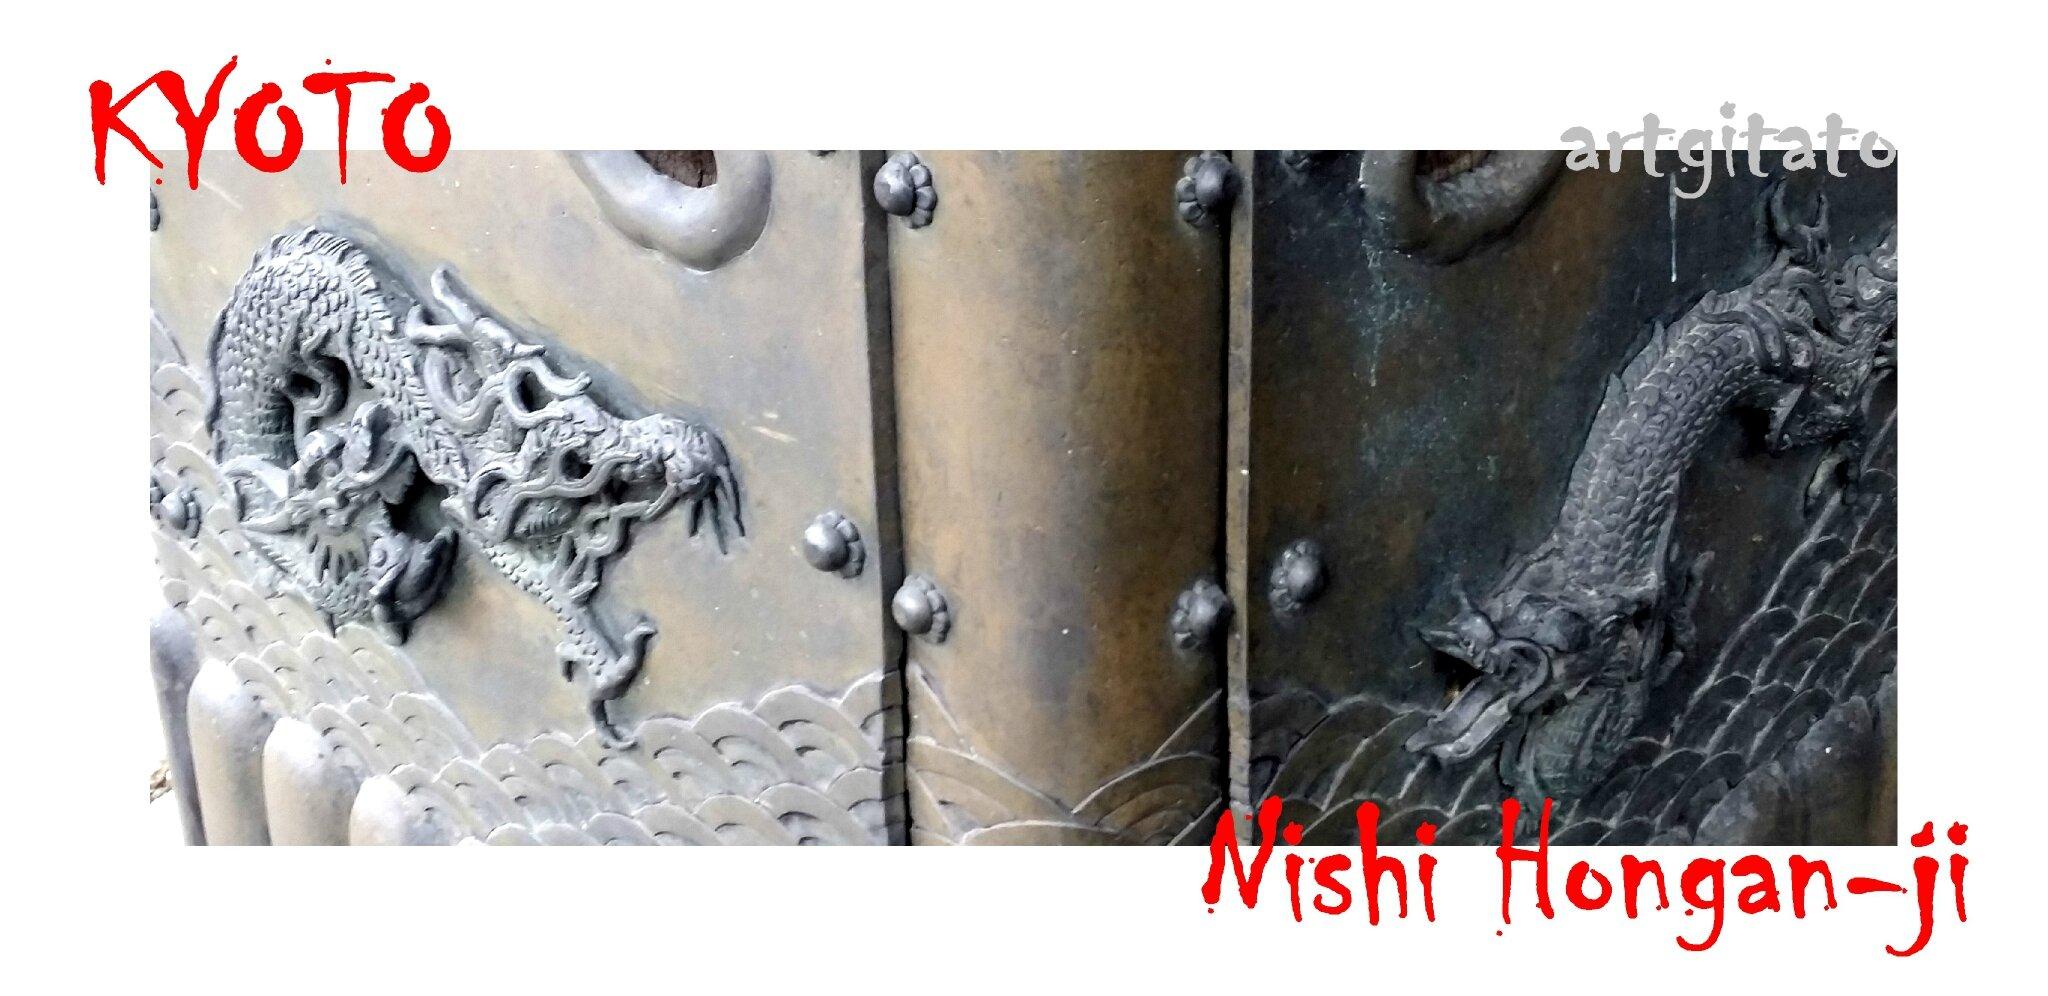 japon kyoto Nishi Hongan-ji artgitato 2